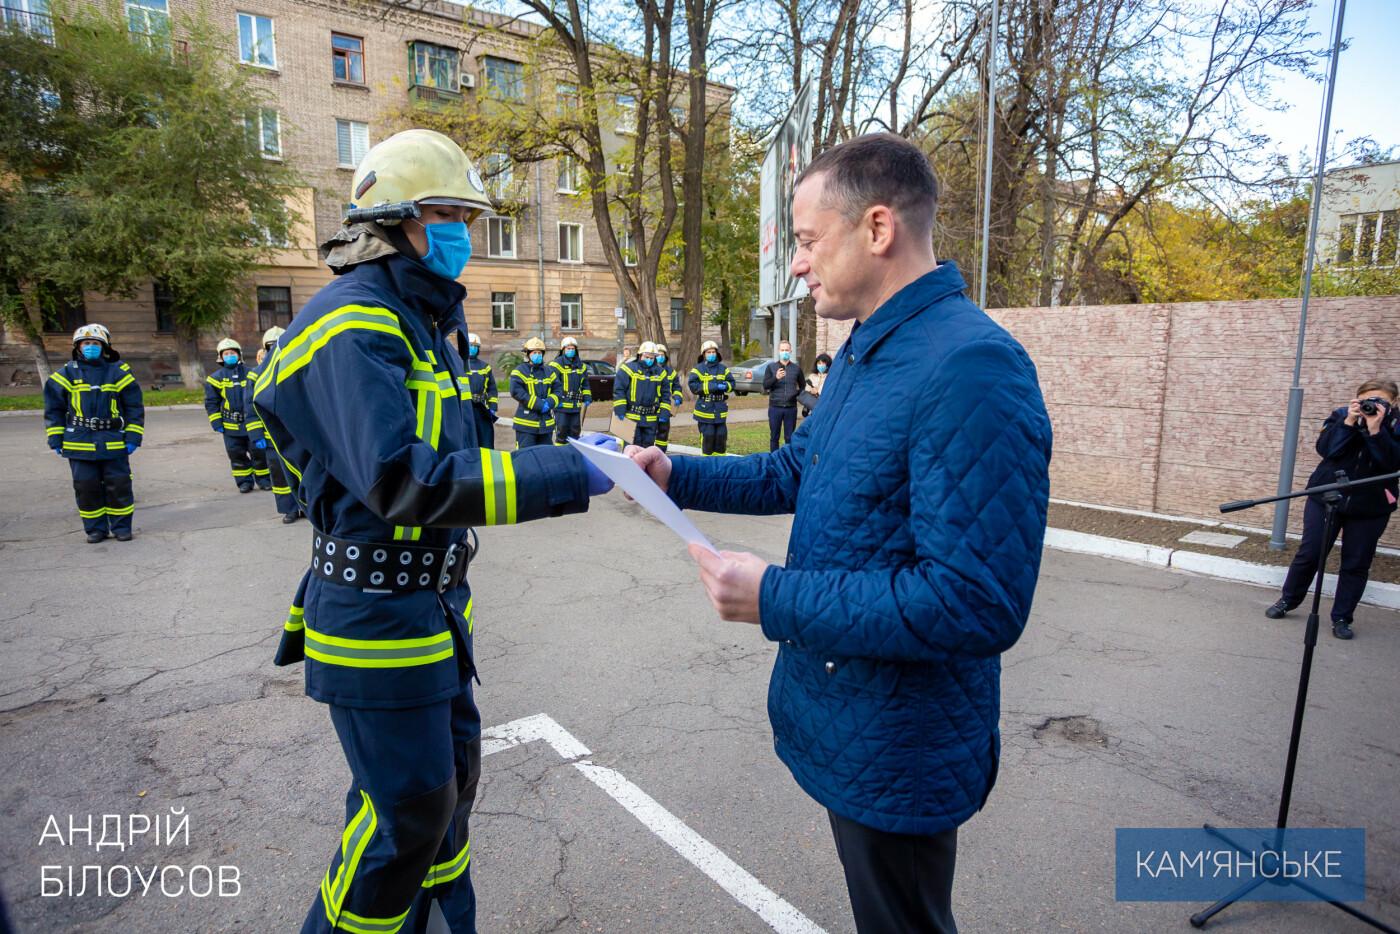 Спасателей Каменского наградили за тушение пожара в Луганской области, фото-3